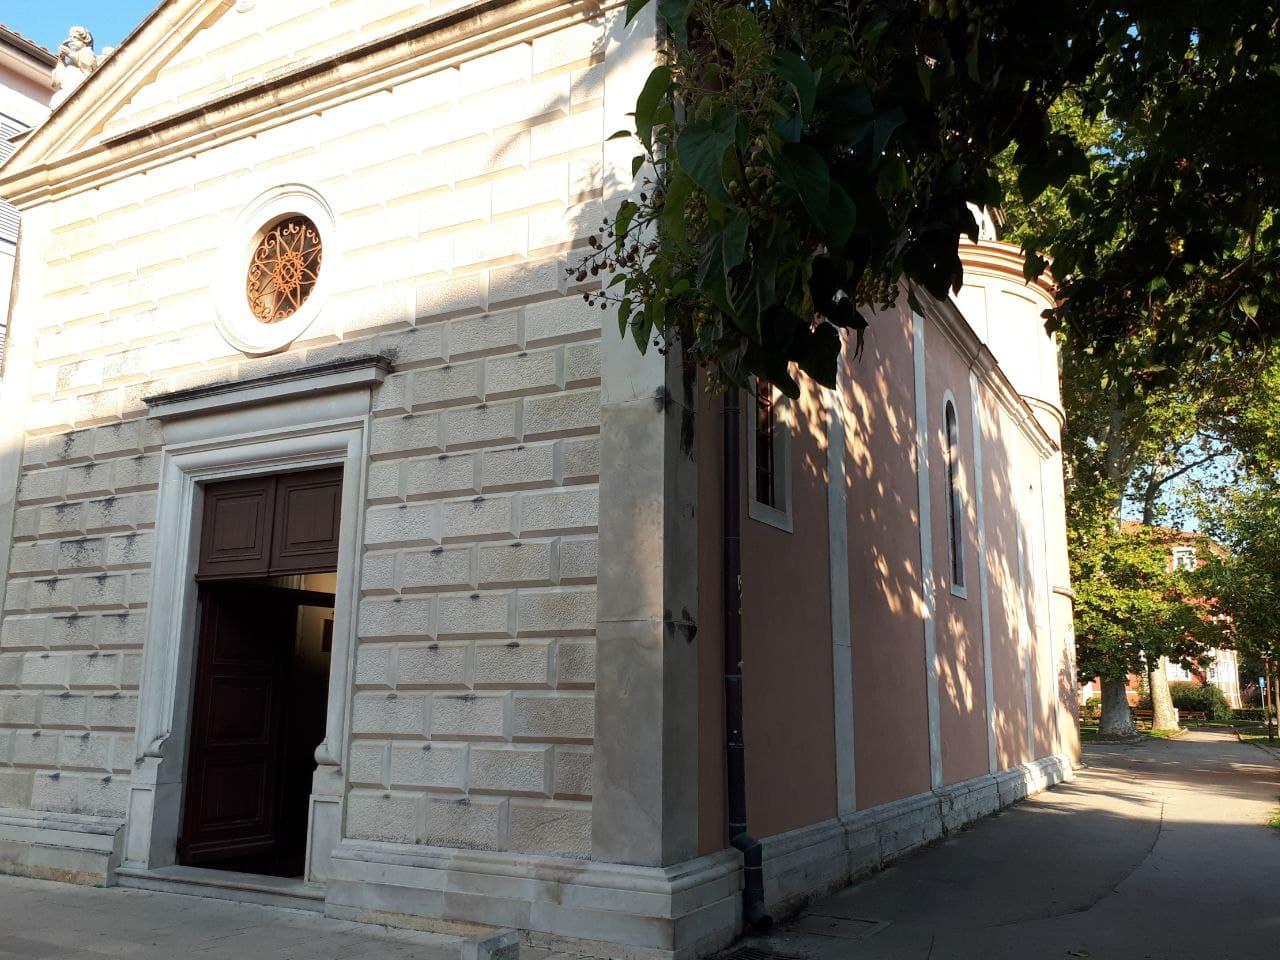 [FOTO] Možete li prepoznati gdje se nalazi ova crkva?